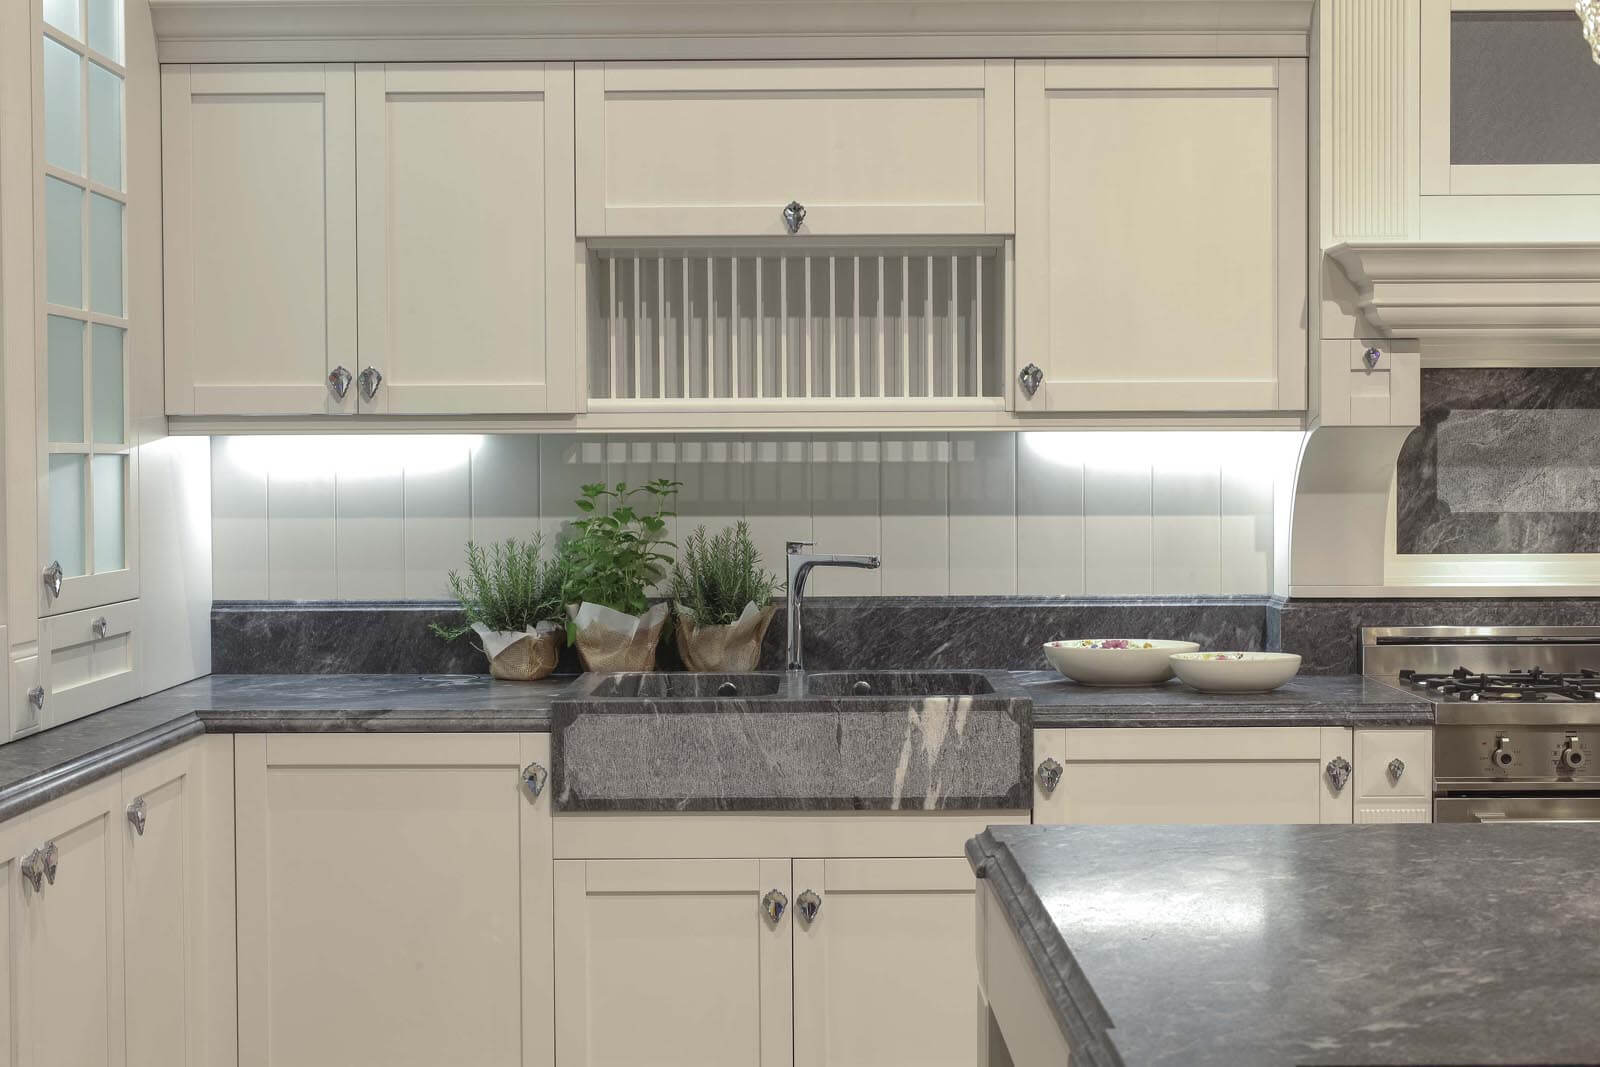 Landelijke keuken met graniet en maatwerk spoelbak